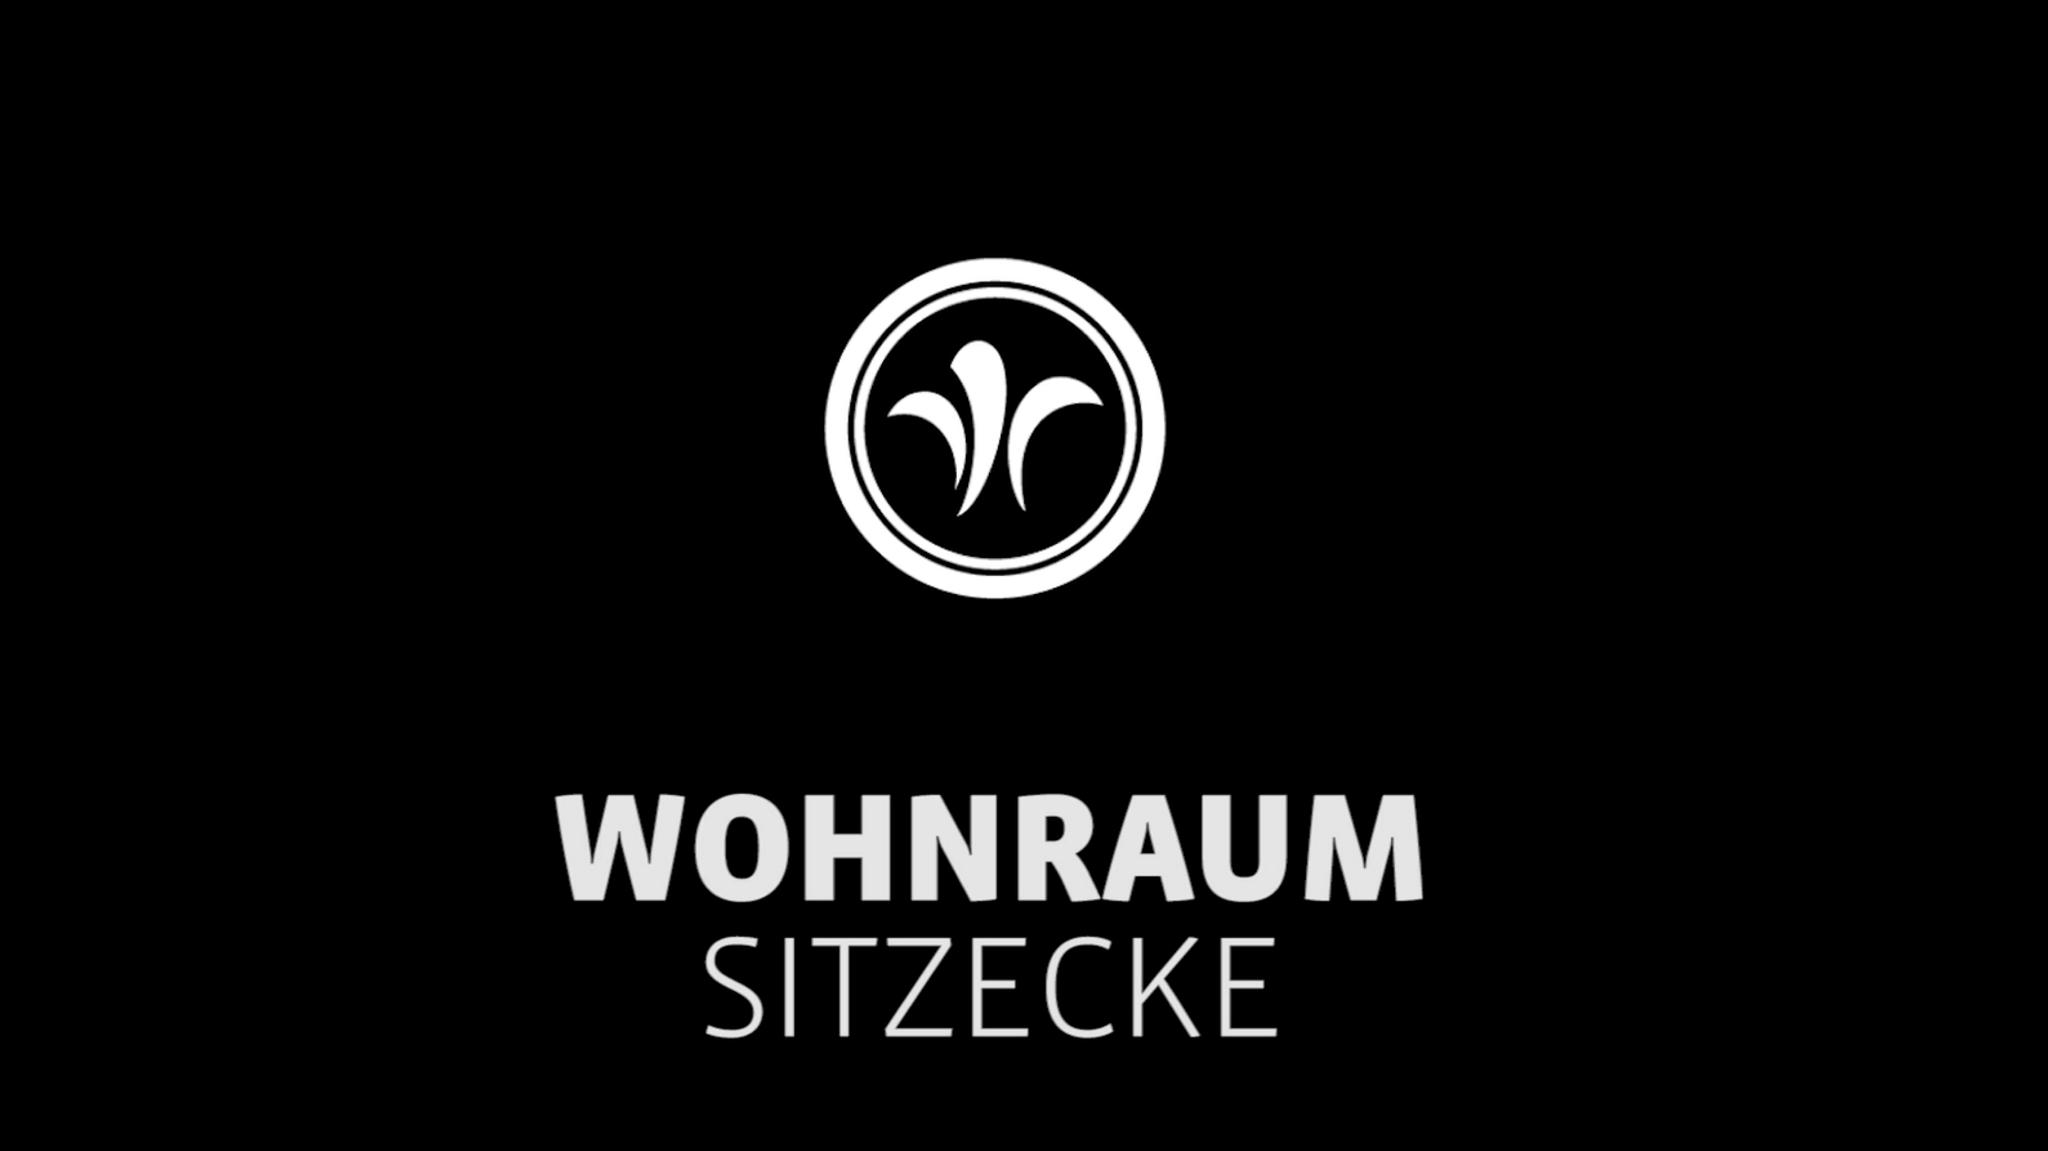 Sitzecke im Wohnmobil // Niesmann +Bischoff – Reisemobil (Modell ARTO) // 2019 // WO6